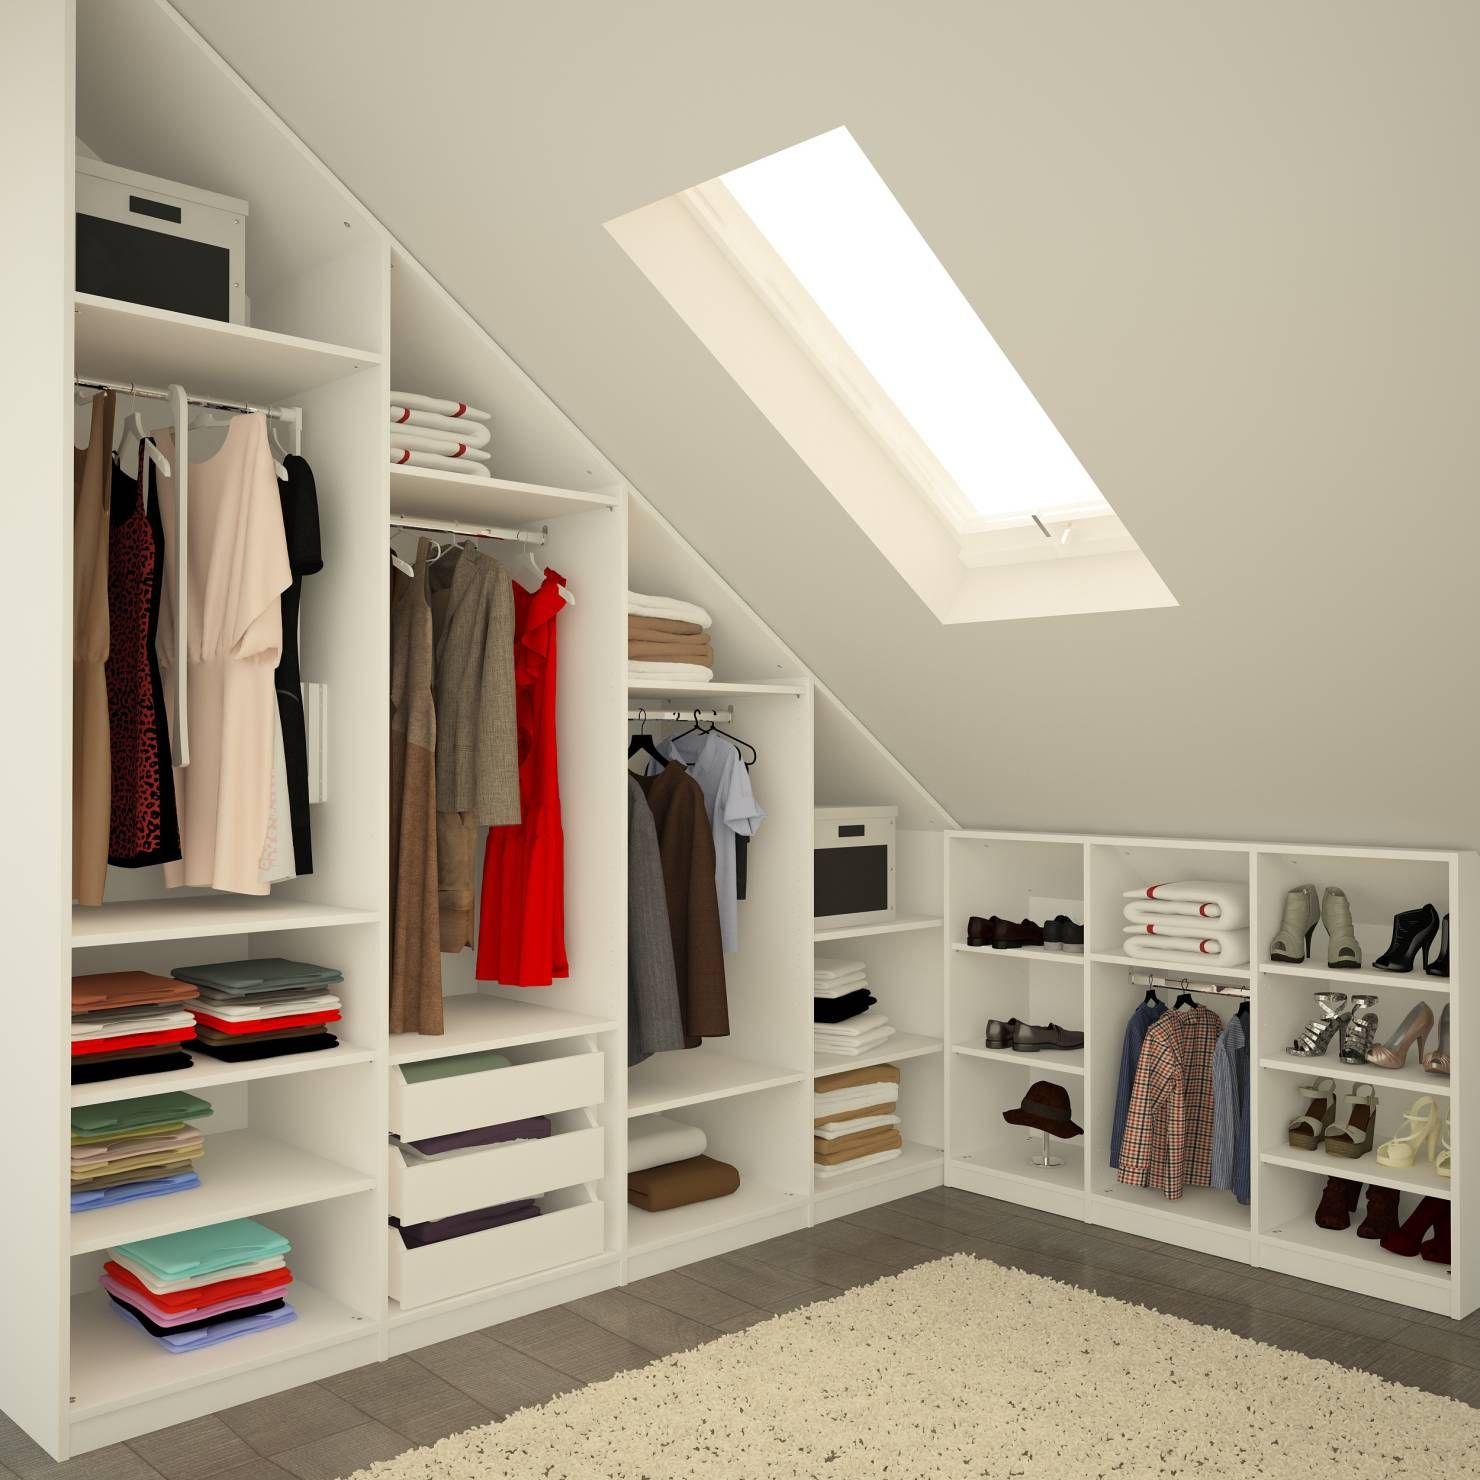 Armadi Per Mansarde Basse 6 modi per organizzare il guardaroba in | camera loft